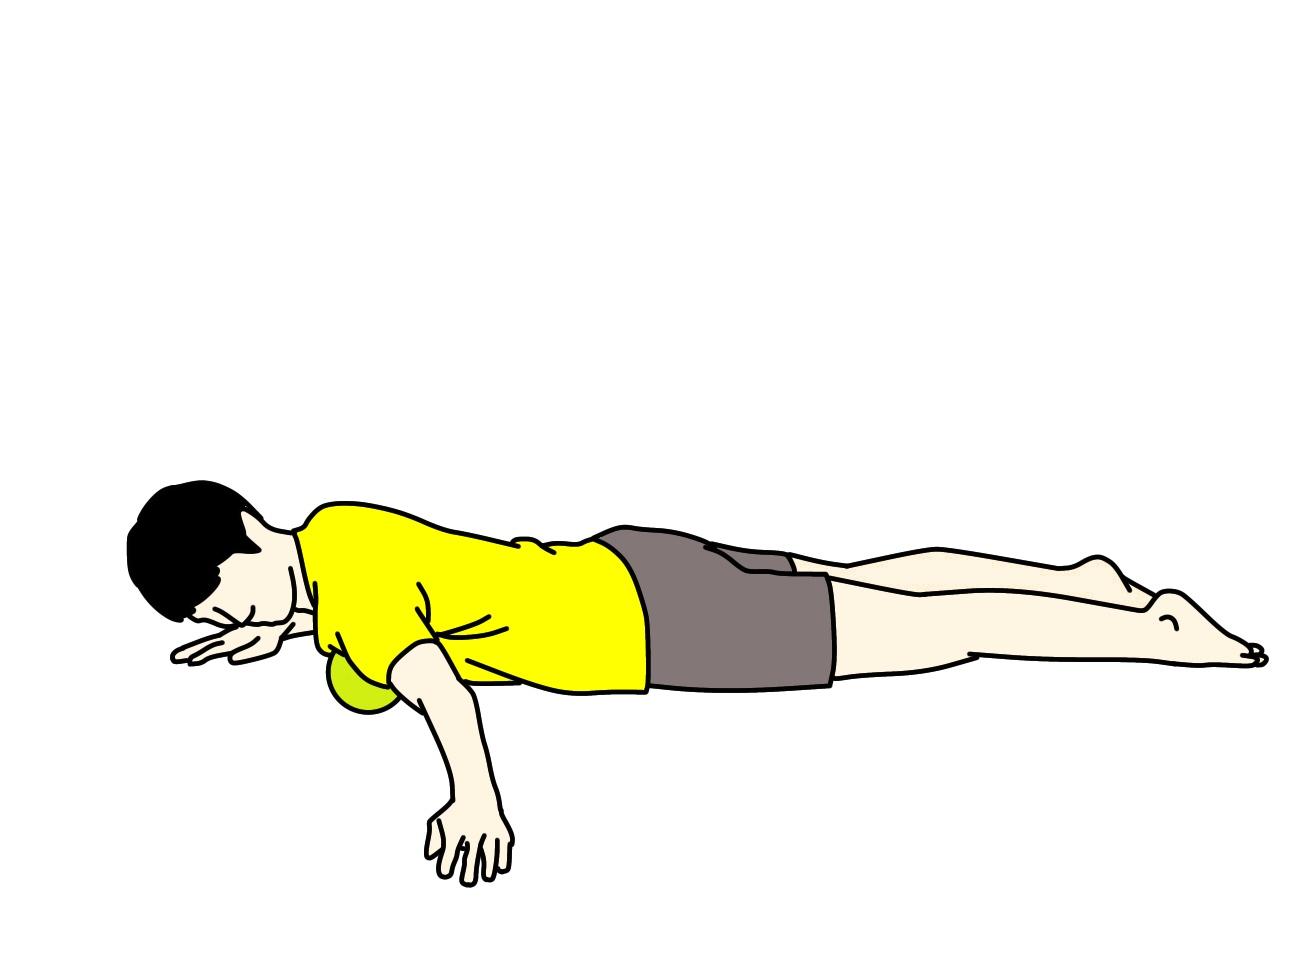 マッサージボールの使い方(大胸筋)